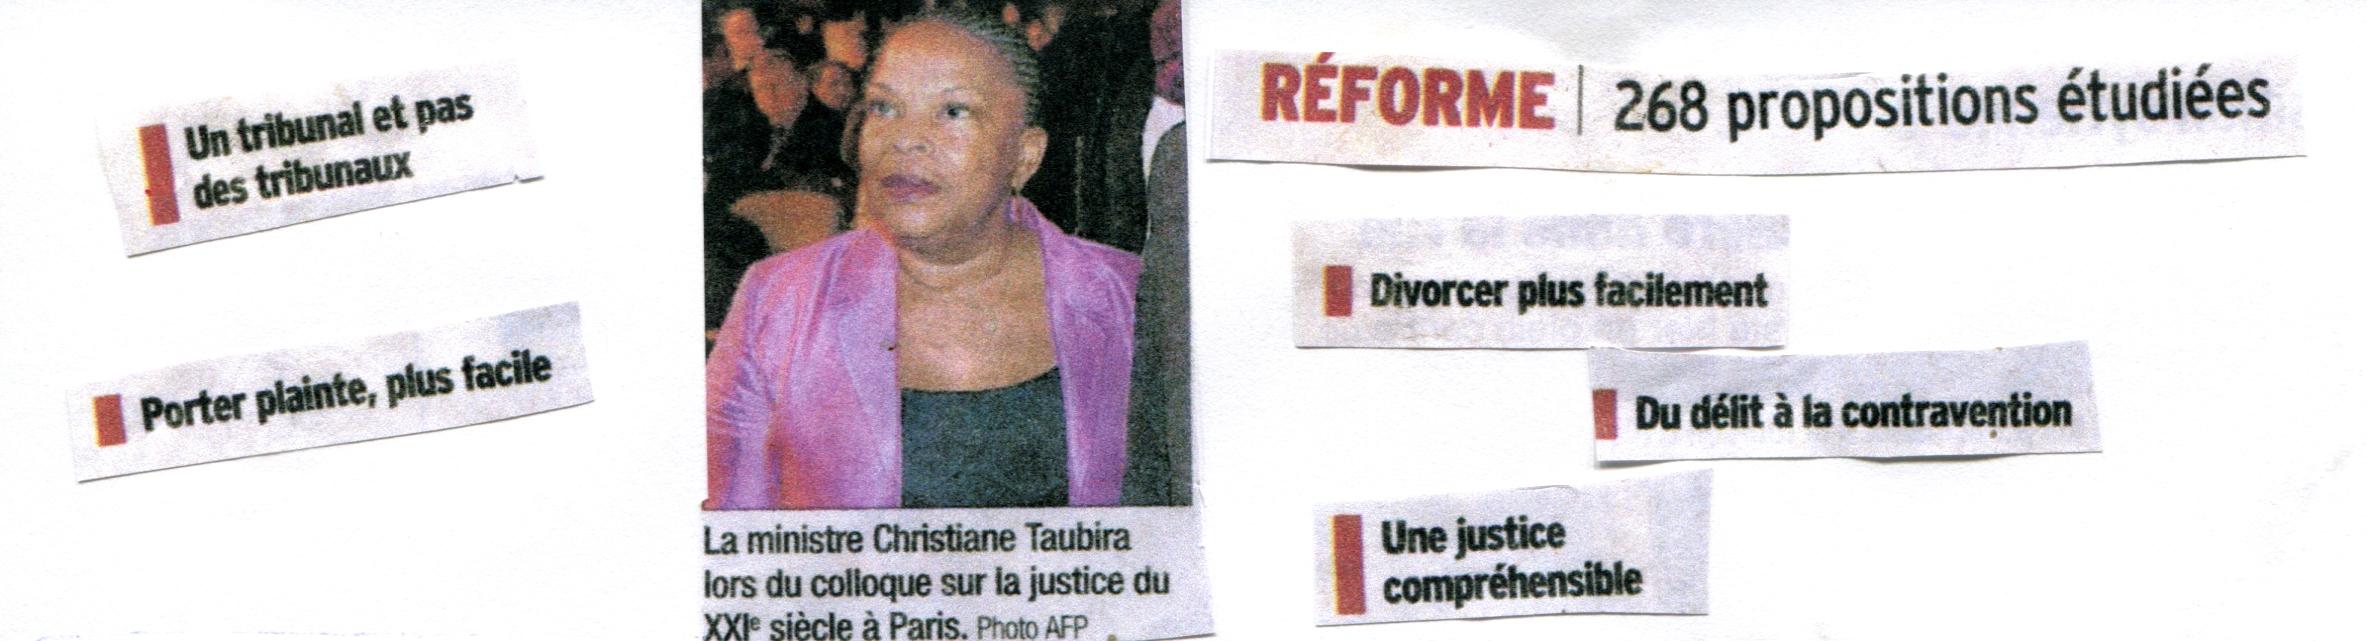 Coupures de presse réforme de la justice